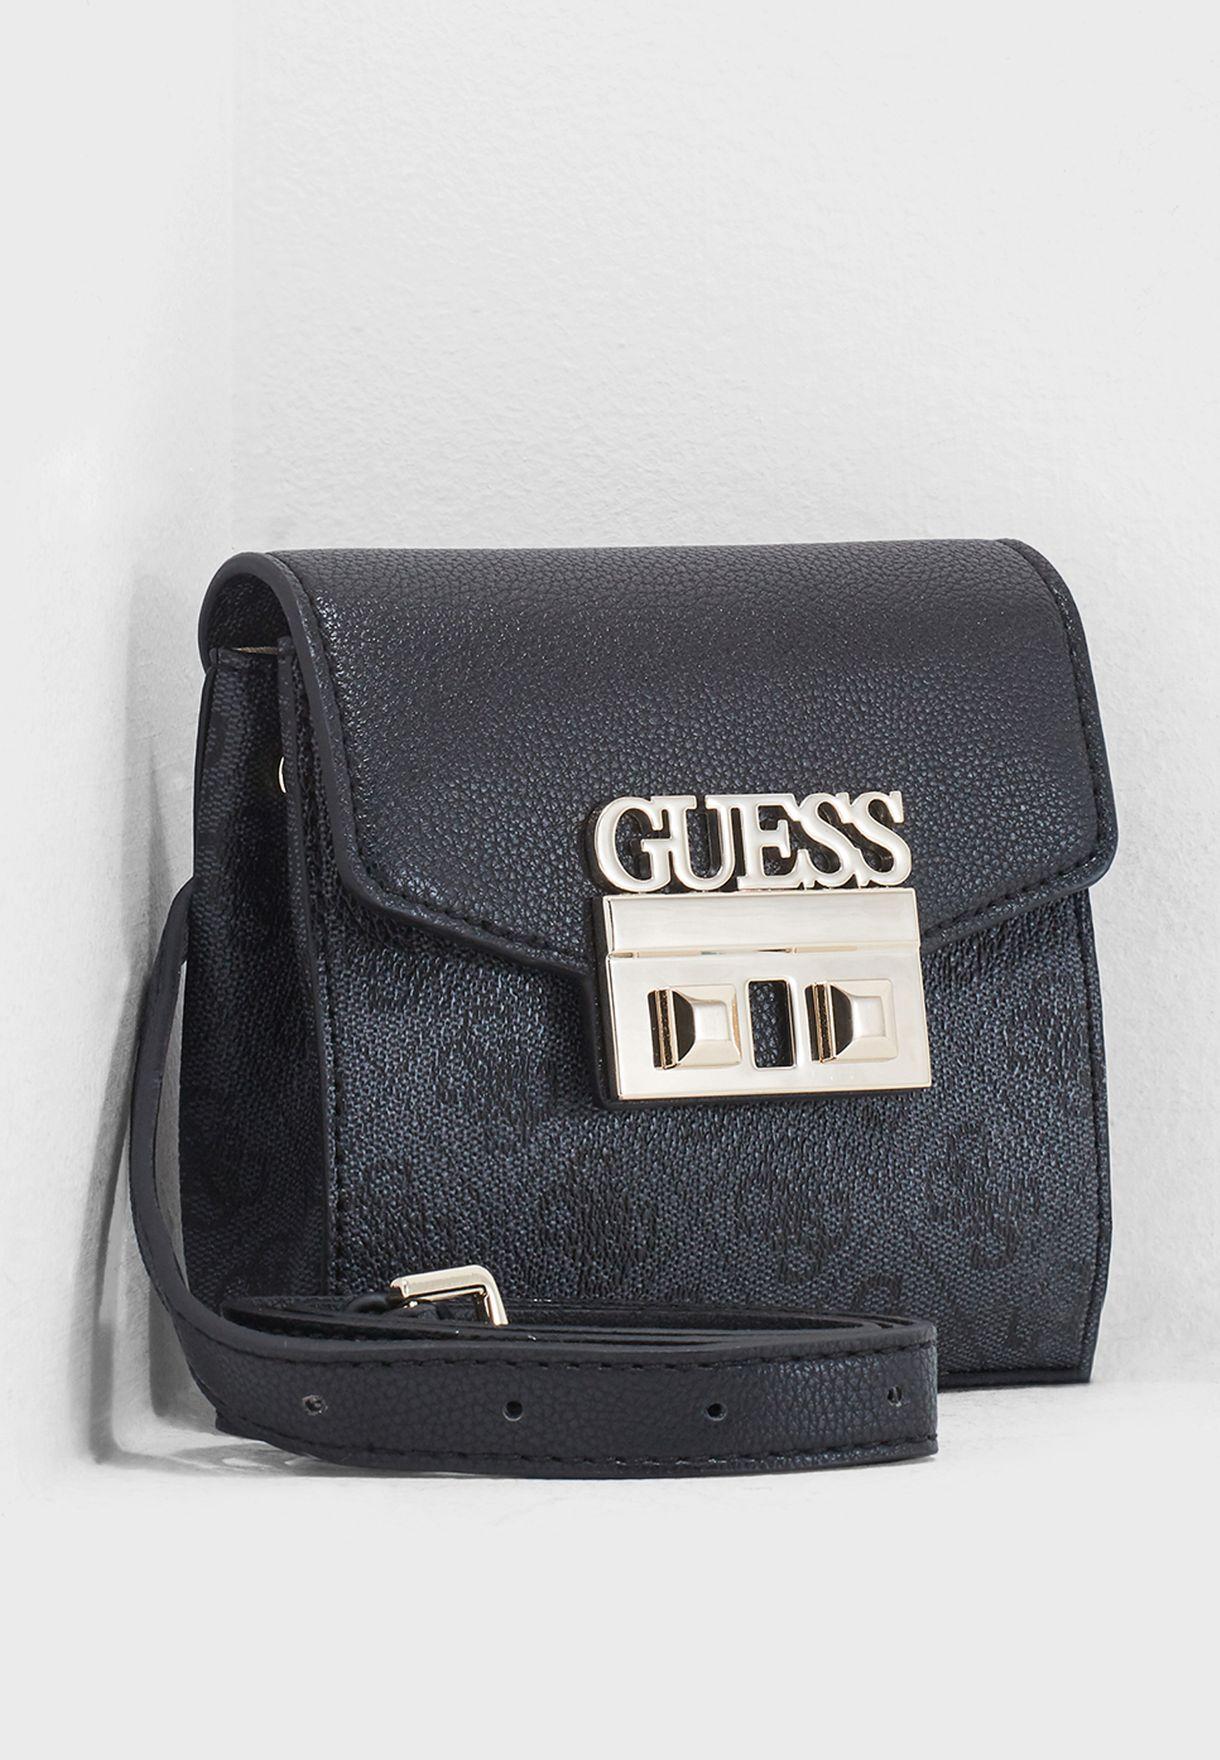 6b9b60c8dd93 Shop Guess black Luxe Bum Bag SG710280COA for Women in UAE ...